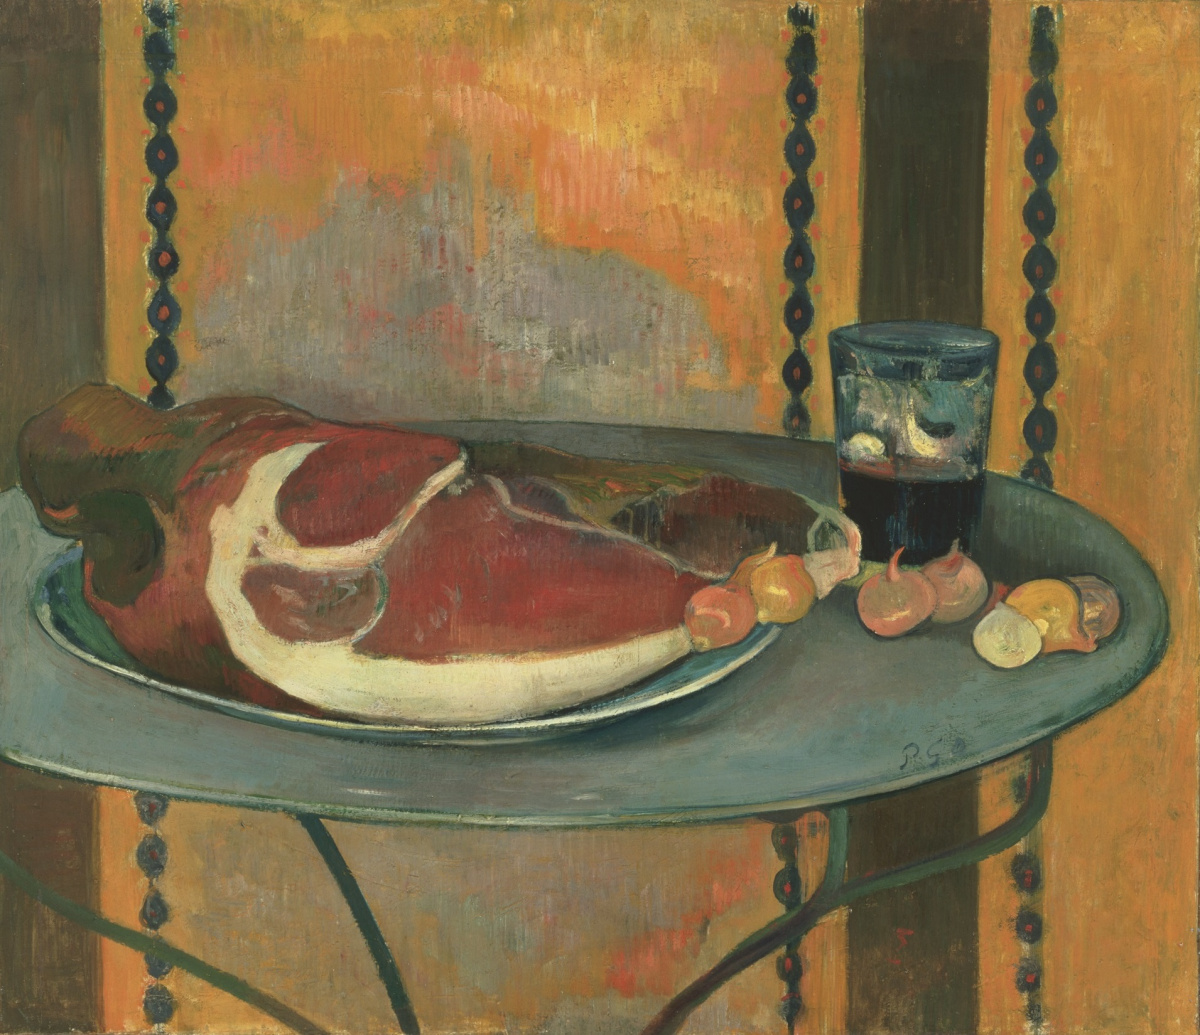 稀代のコレクターが買ったマネ、ドガ、ピカソはどんな絵? 私立美術館「フィリップス・コレクション」の展覧会で眼福の収集作品が明らかに。